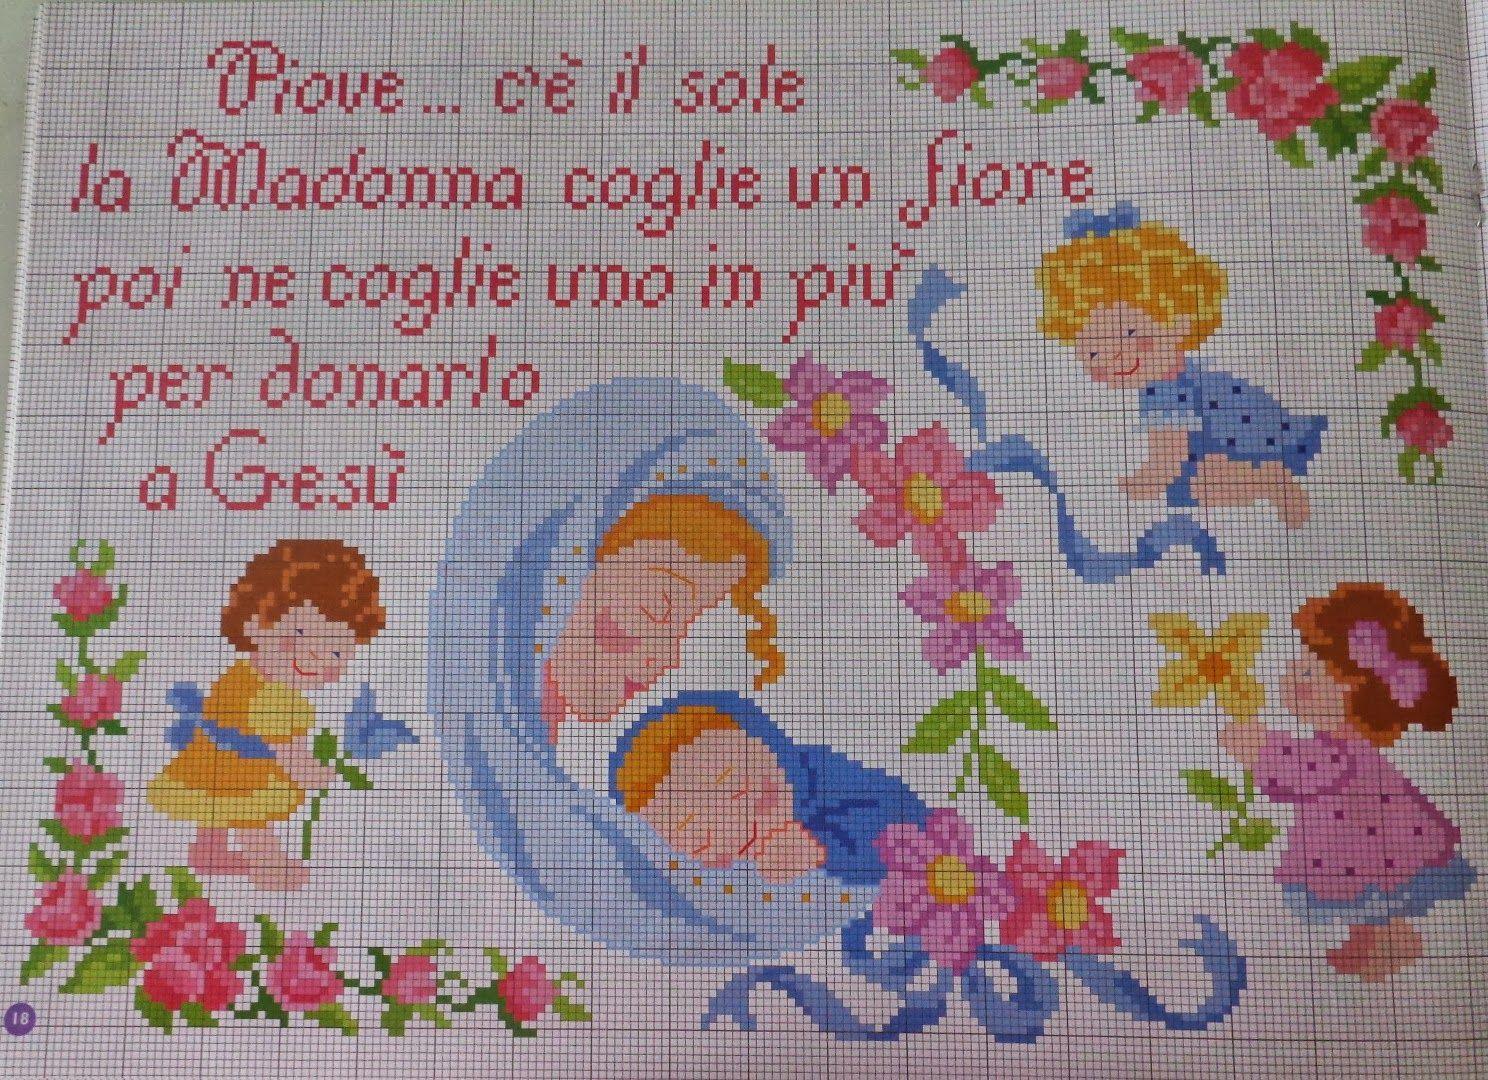 Omeogriphi Bambini ~ Punto croce per i bambini la mia passione: filastrocche e fiabe da